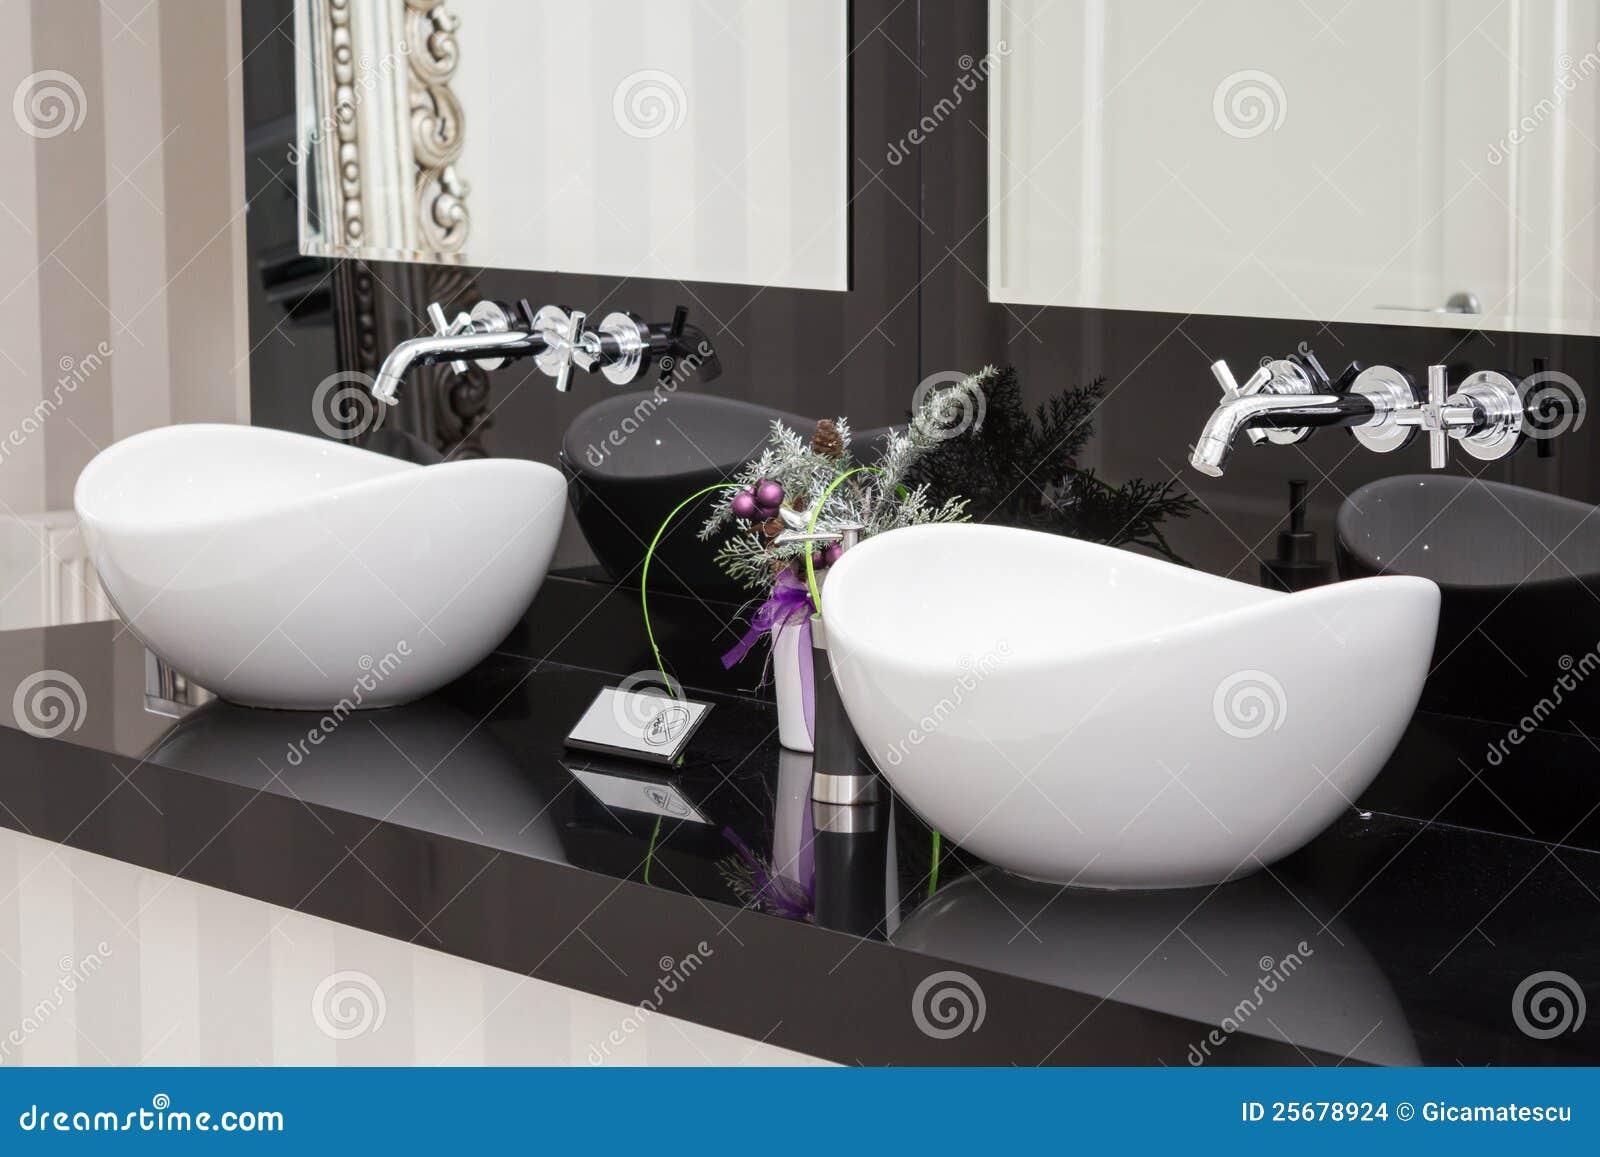 Lavandini Da Bagno Moderni : Lavandini fotografia stock. immagine di illuminato rubinetto 25678924